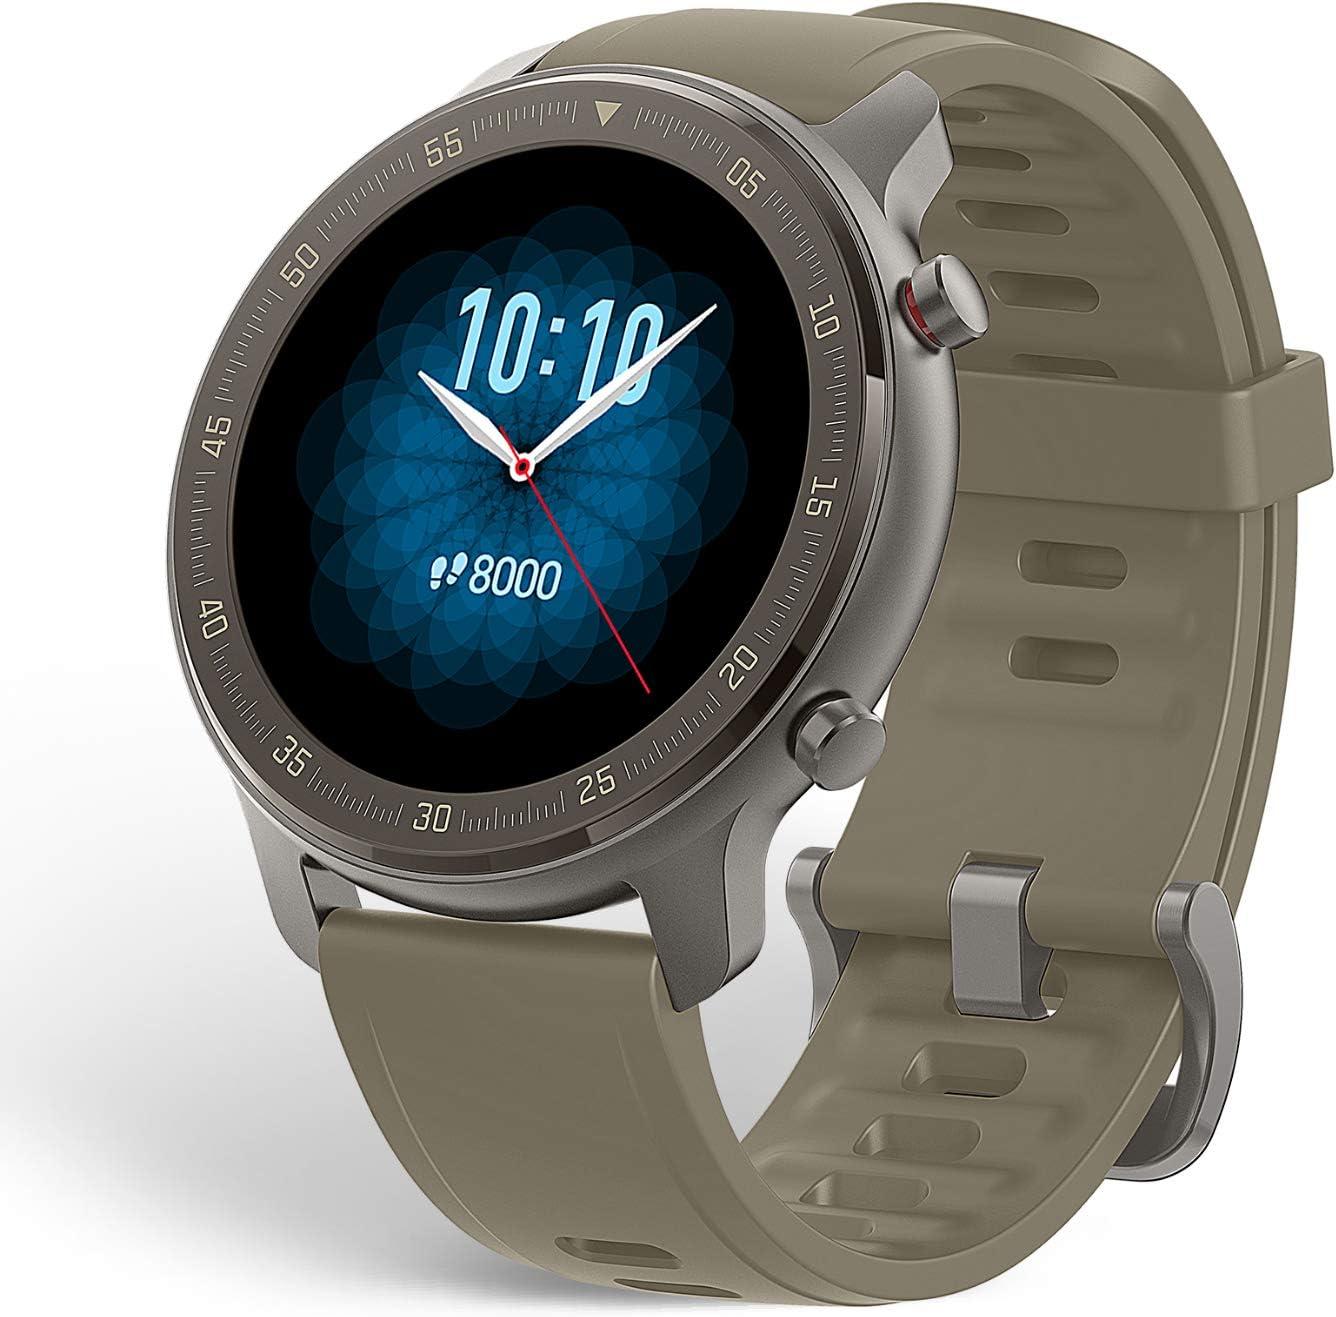 Amazfit GTR 47mm - Reloj Inteligente con Seguimiento de Actividad y frecuencia cardíaca, batería de Larga duración - Titanium